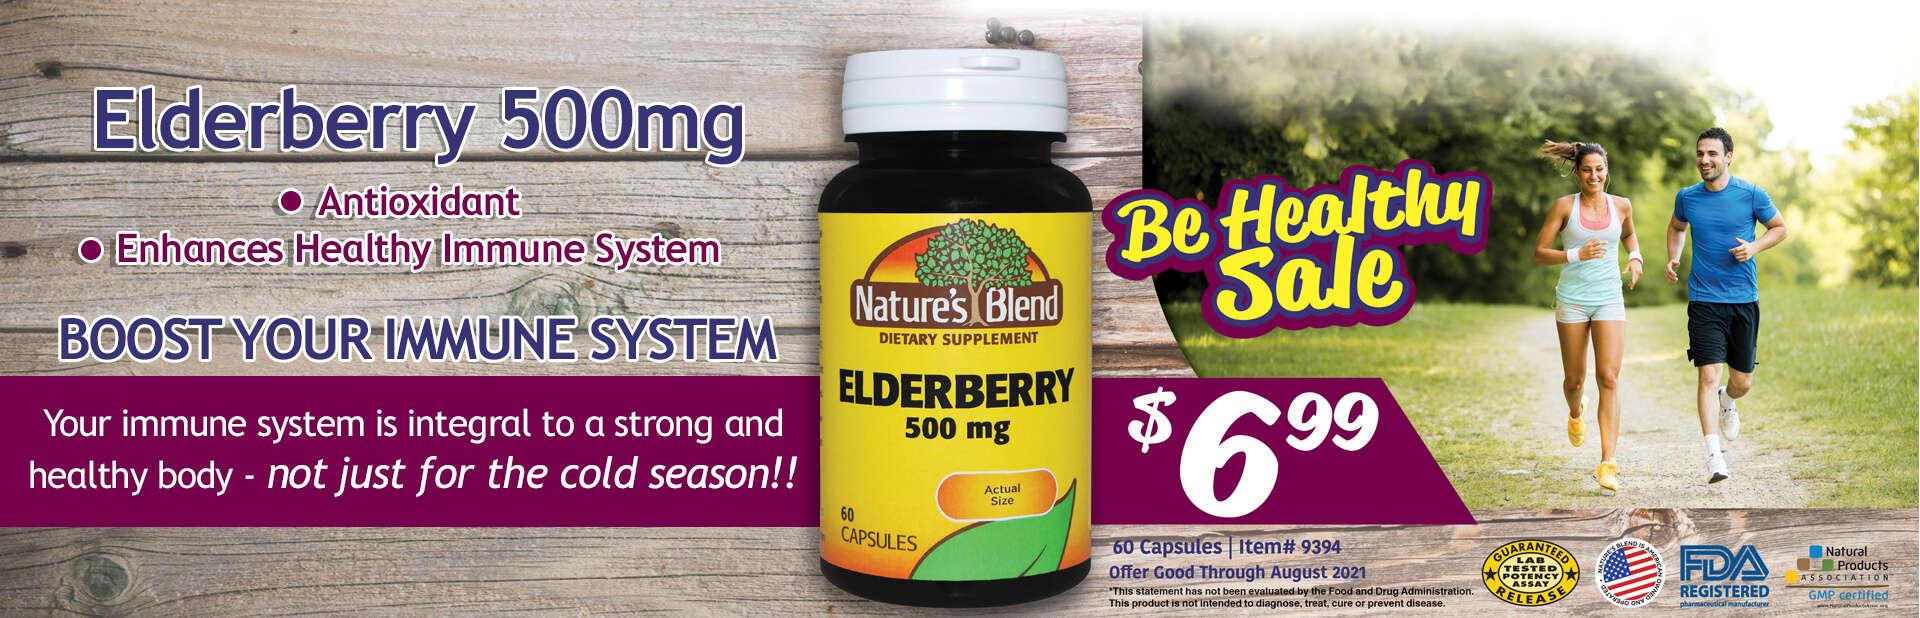 Elderberry sale